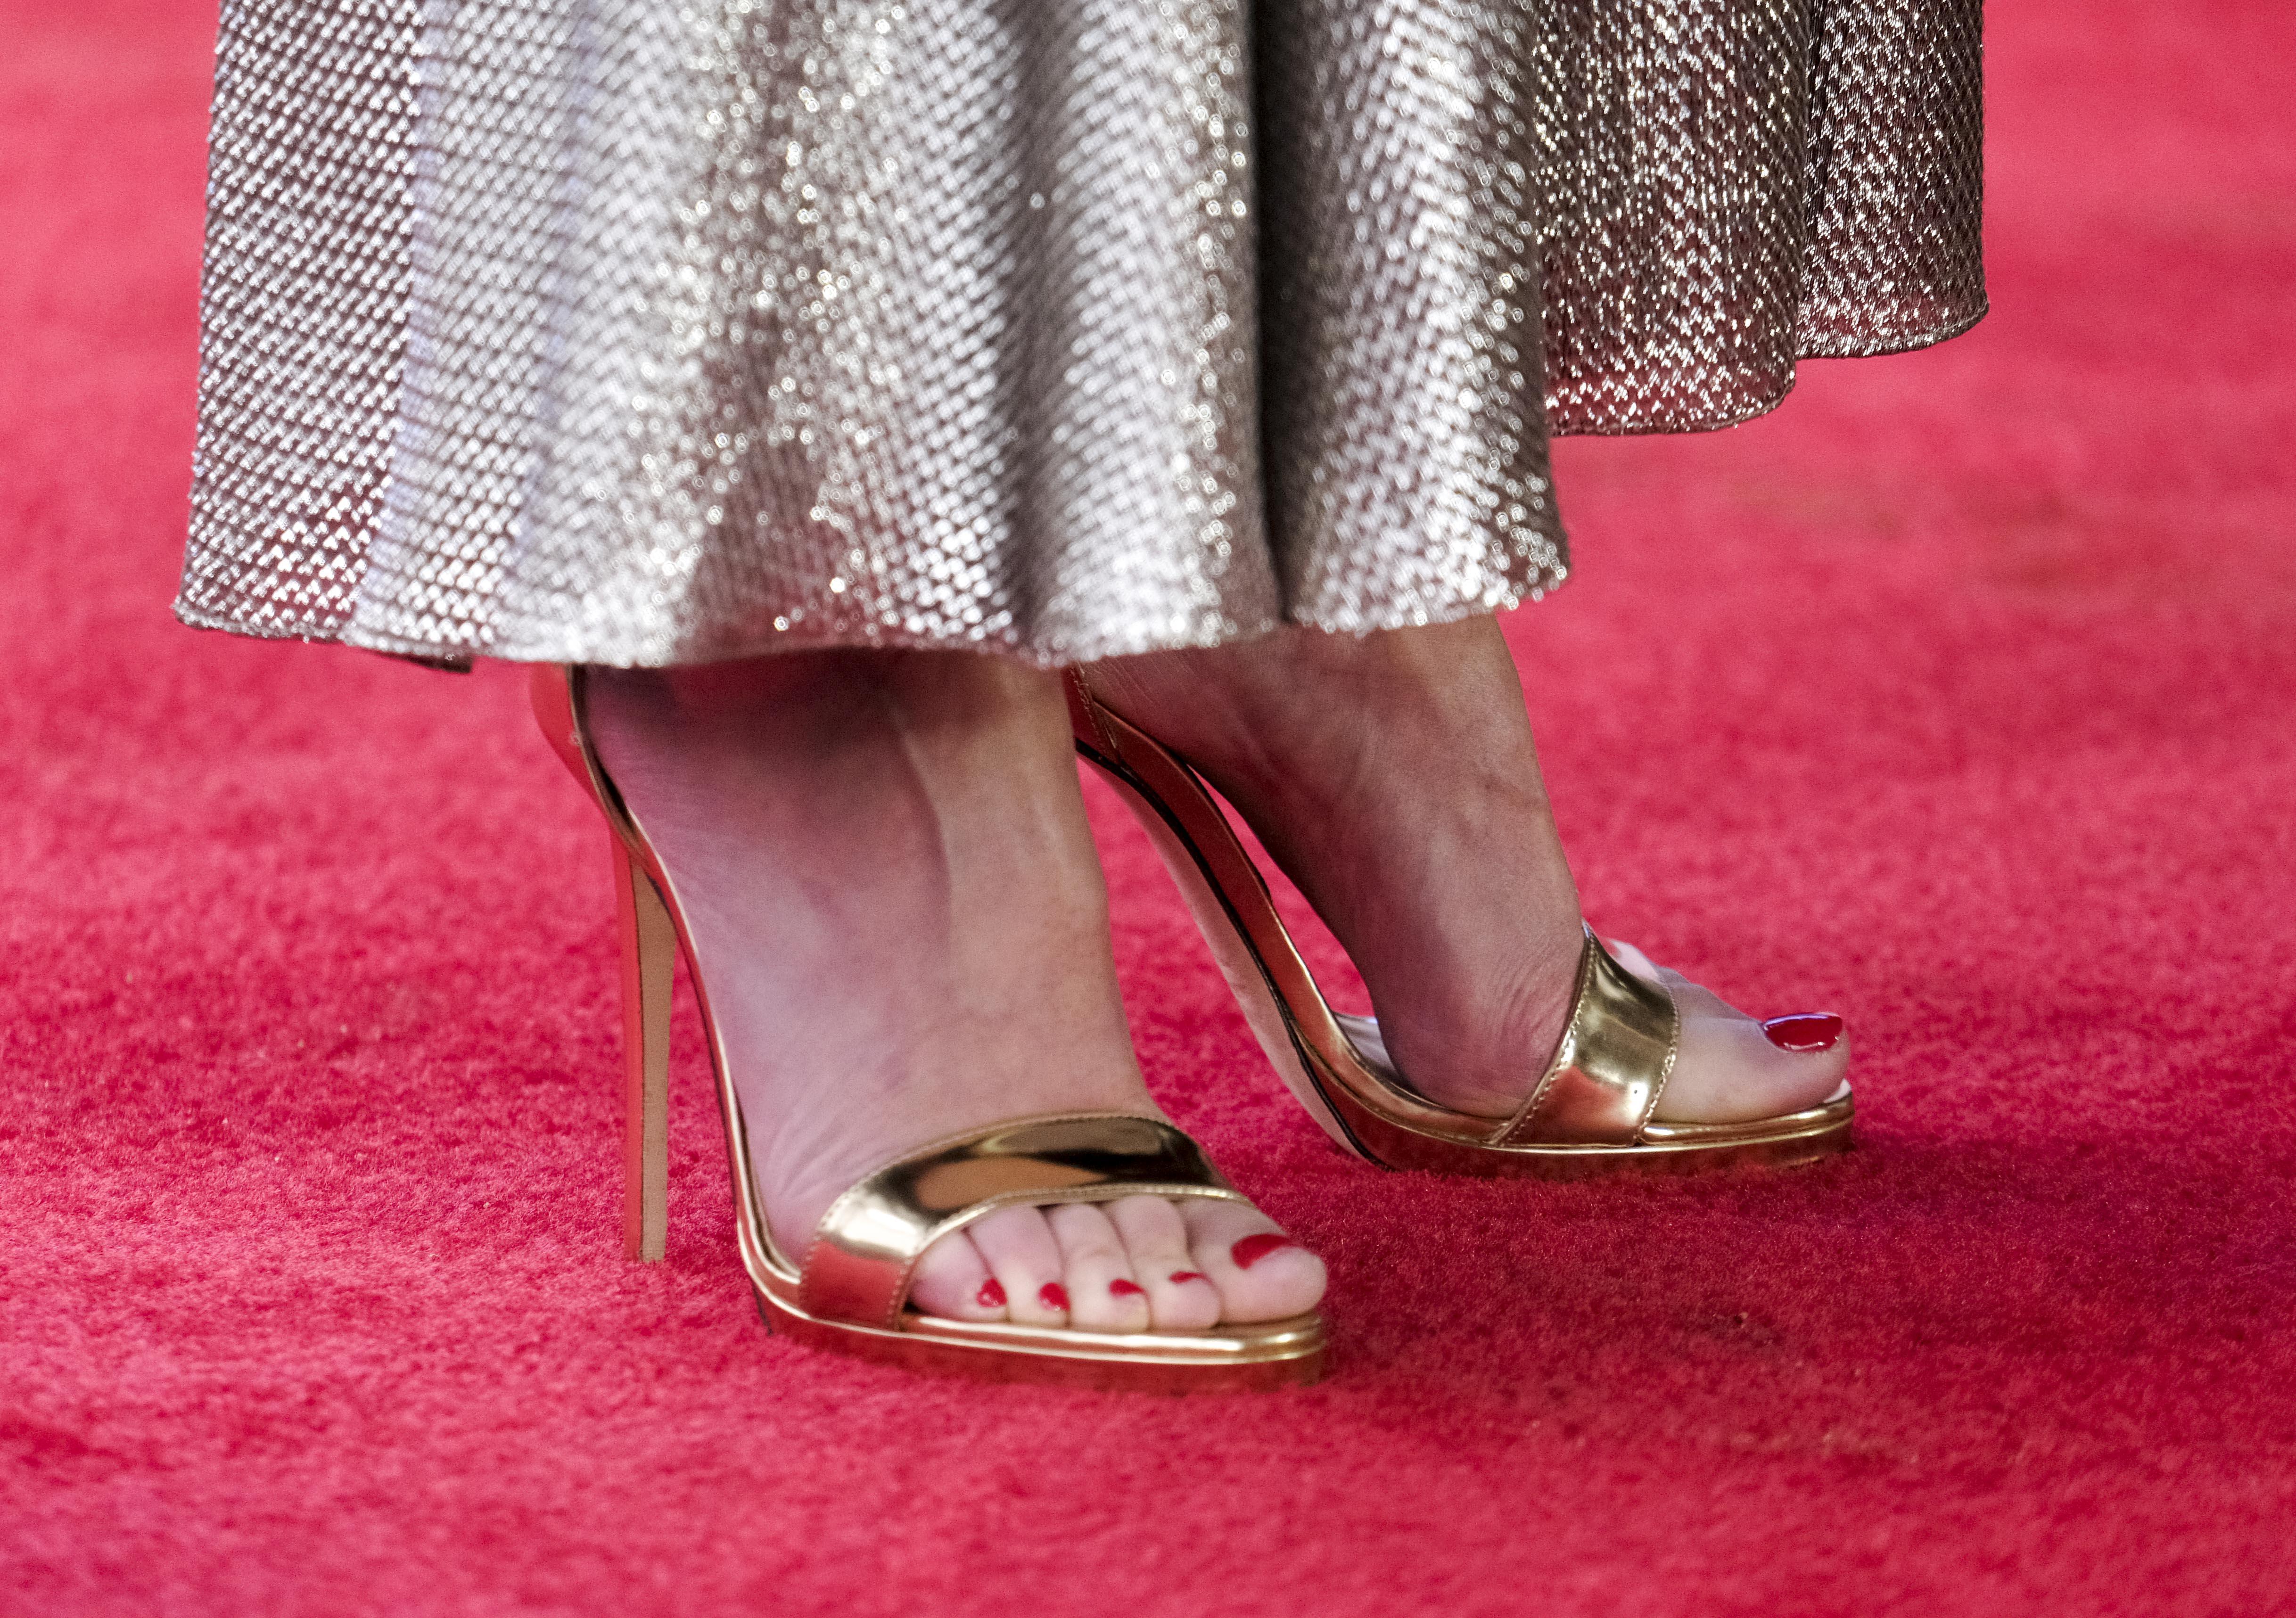 Feet Gillian Anderson nude photos 2019